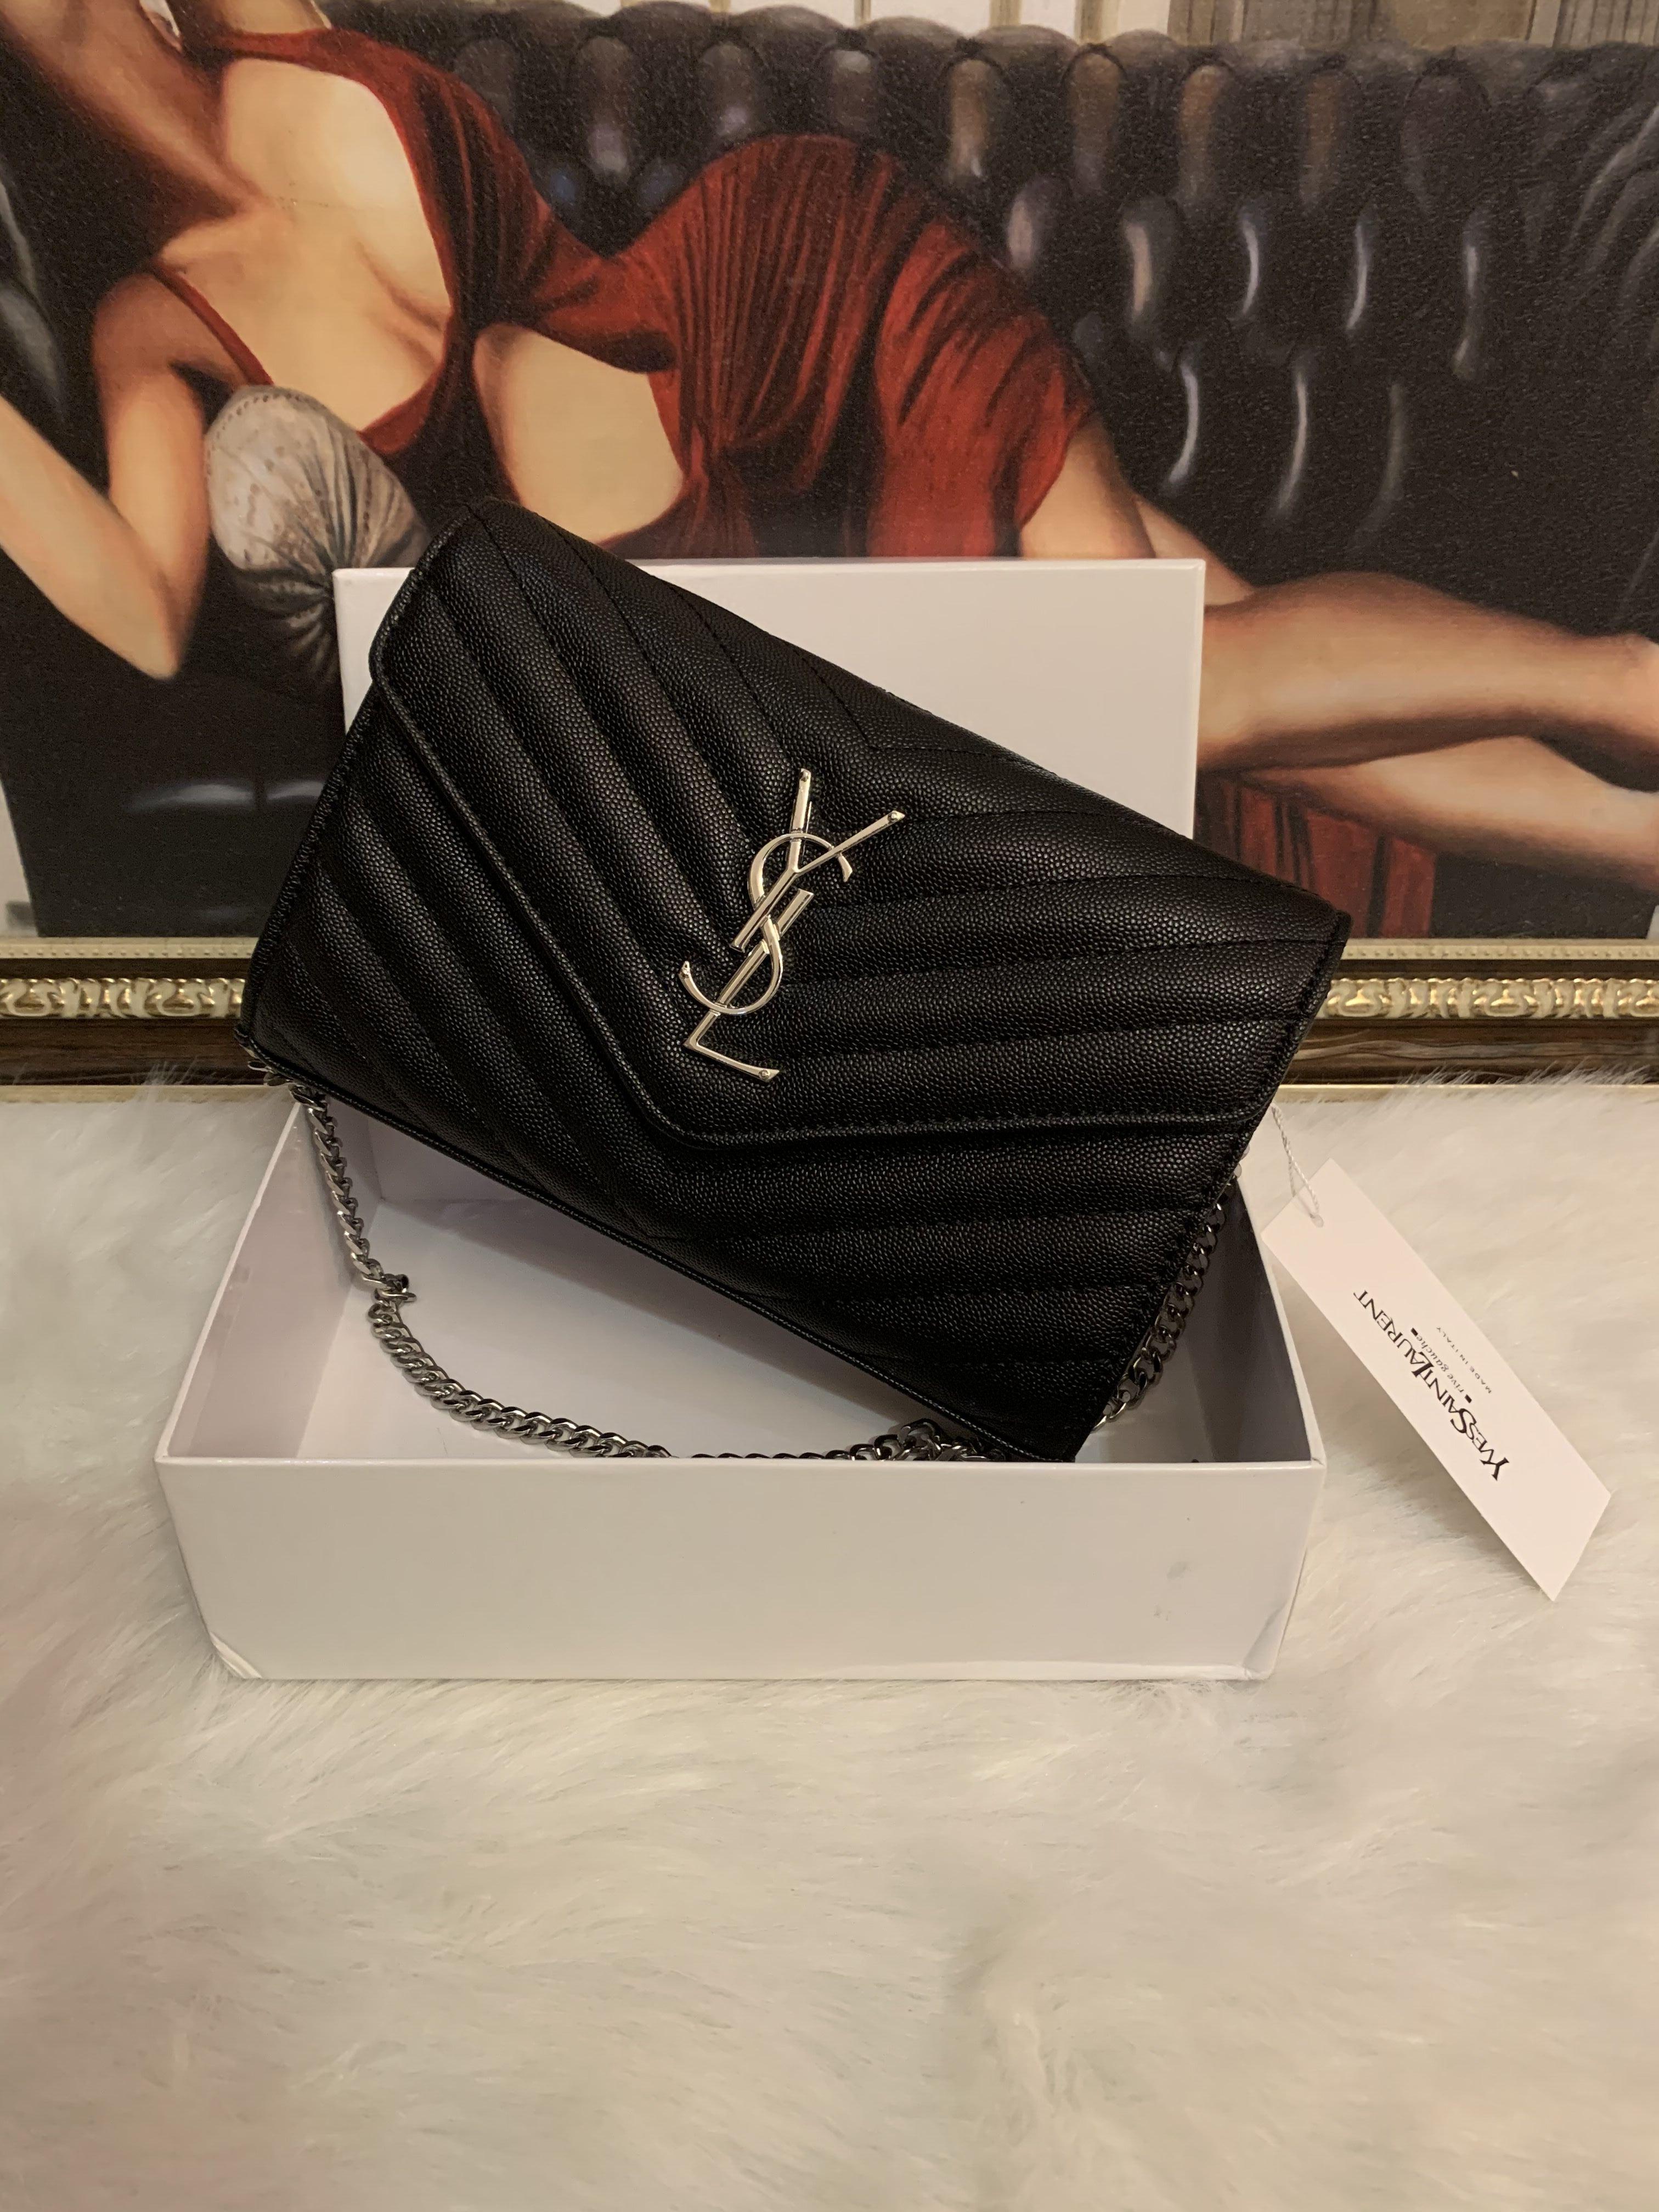 2019 роскошь сумки женщины сумки дизайн кроссбоди сумки женщины сумка небольшой Сумка женская на плечо